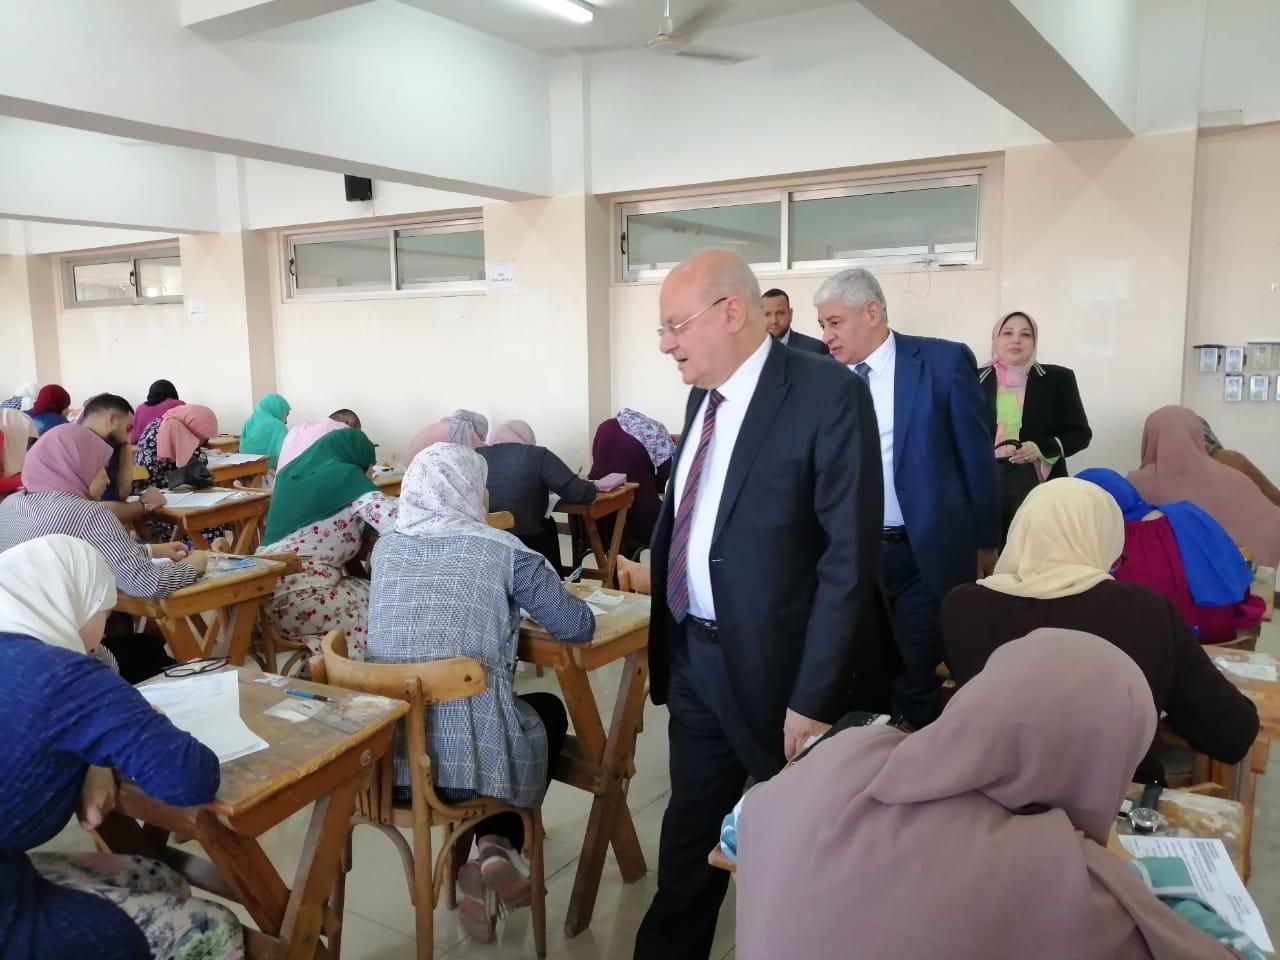 رئيس جامعة الزقازيق يبدأ جولاته التفقدية لأعمال امتحانات الفصل الدراسي الثاني بكلية الطب